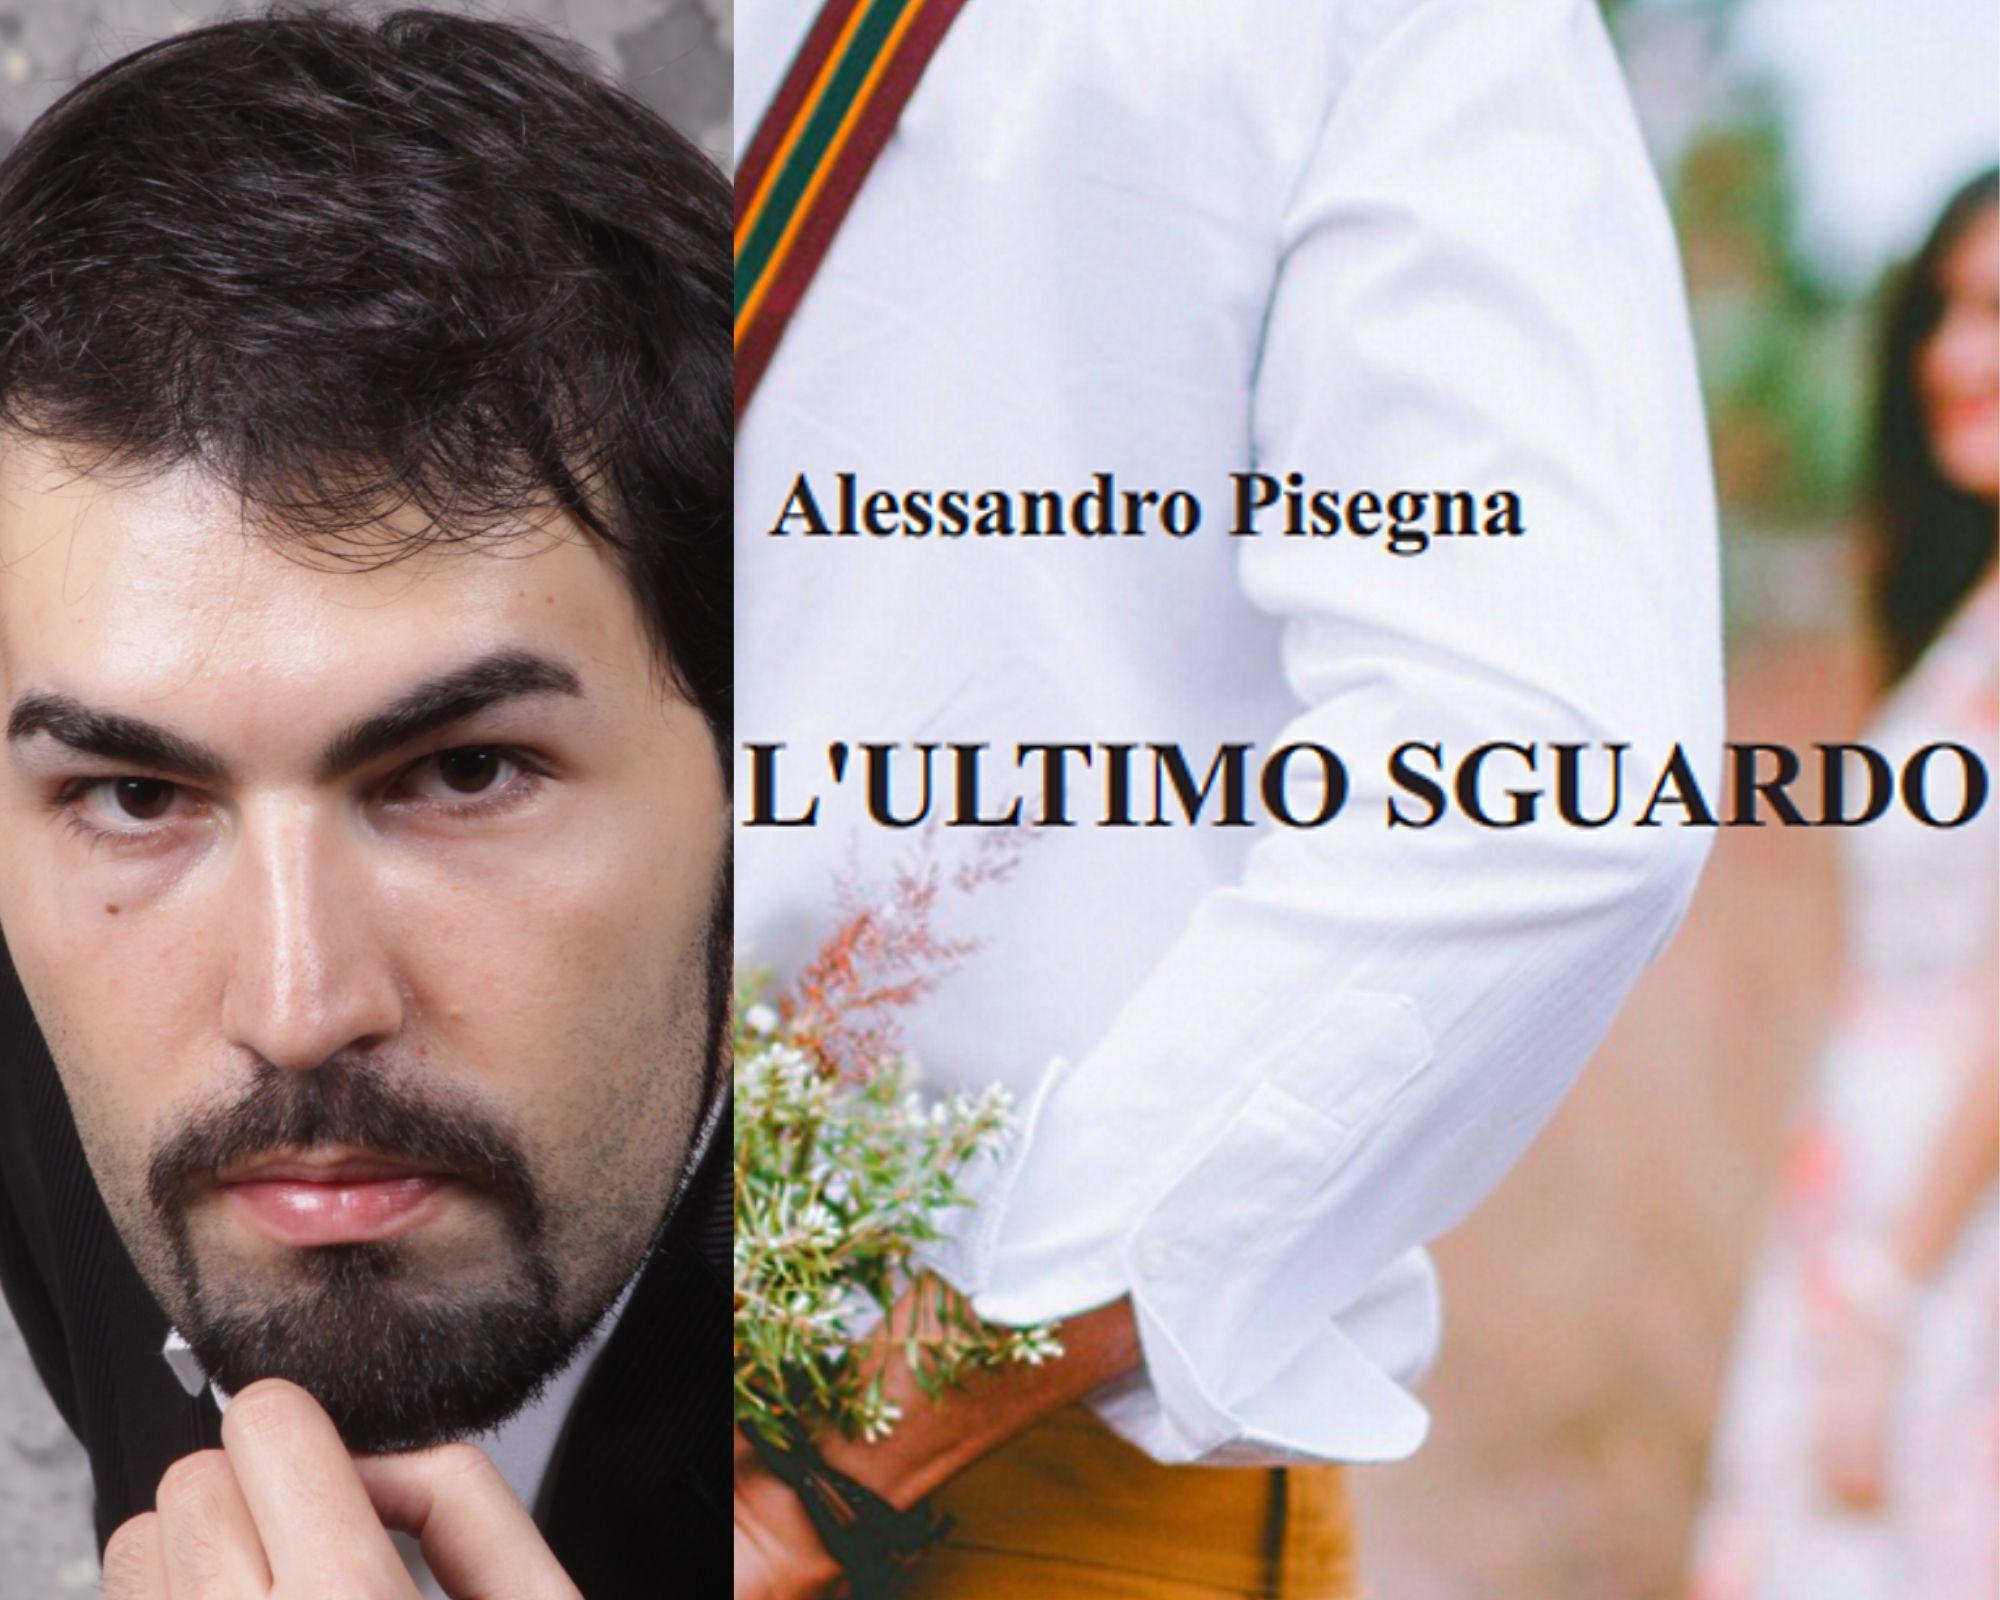 """Presentazione del libro """"L'ultimo sguardo"""" di Alessandro Pisegna con la partecipazione dell'attore Corrado Oddi"""